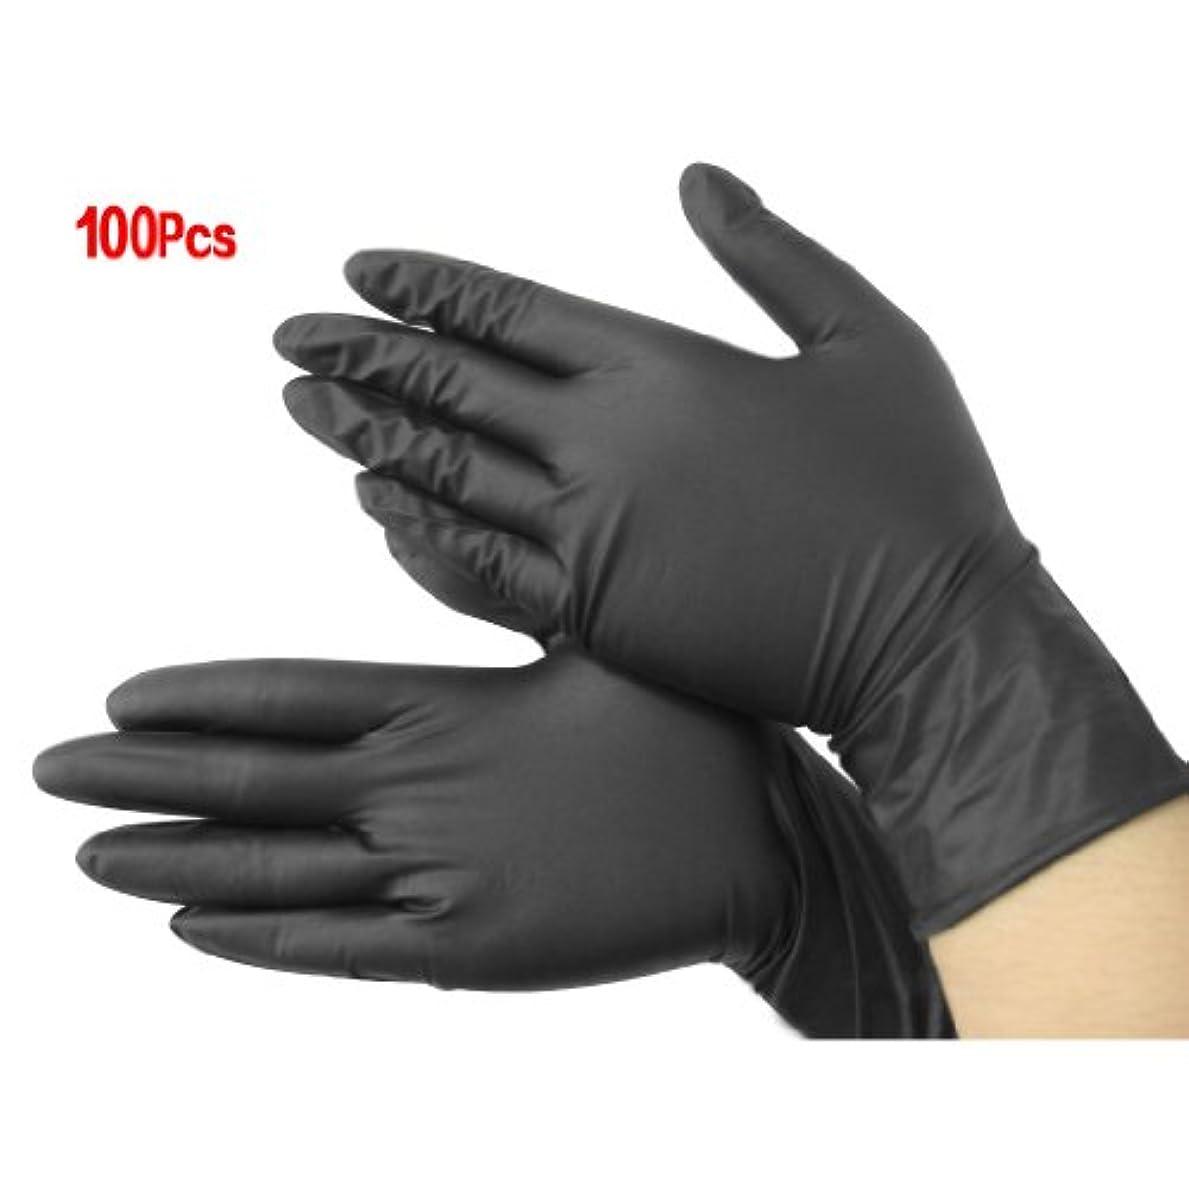 キャンベラ徒歩で心のこもった手袋,SODIAL(R)黒いニトリル使い捨てクール手袋 パワーフリーX100 - 入れ墨 - メカニック 新しい